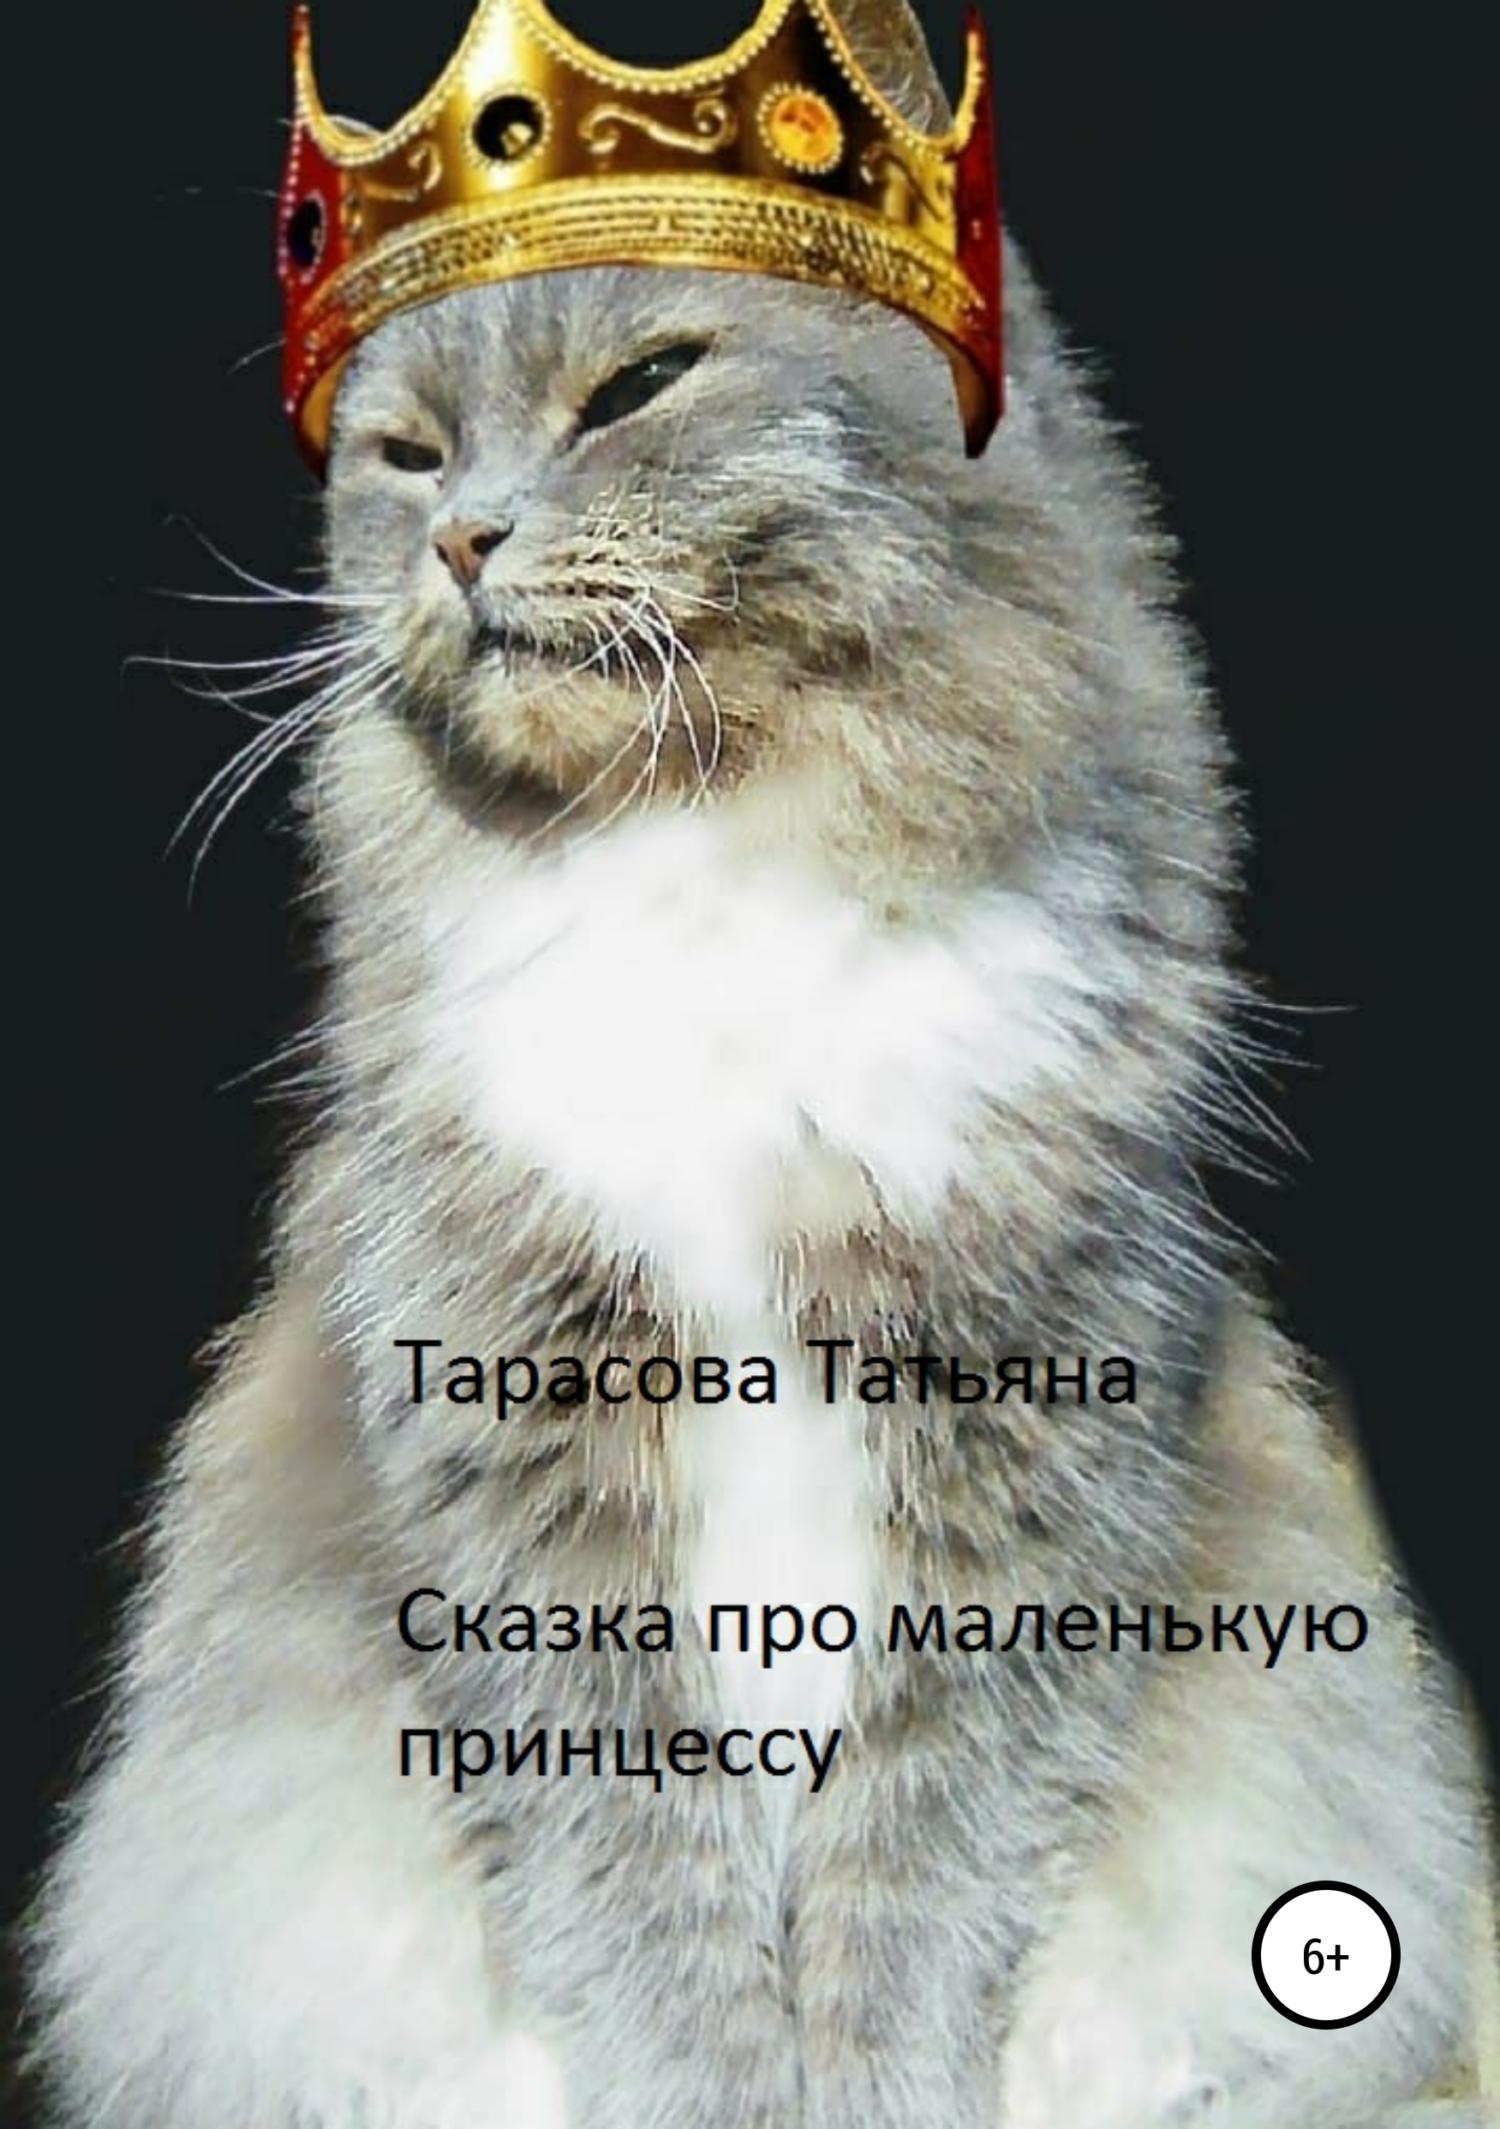 Татьяна Георгиевна Тарасова Сказка про маленькую принцессу